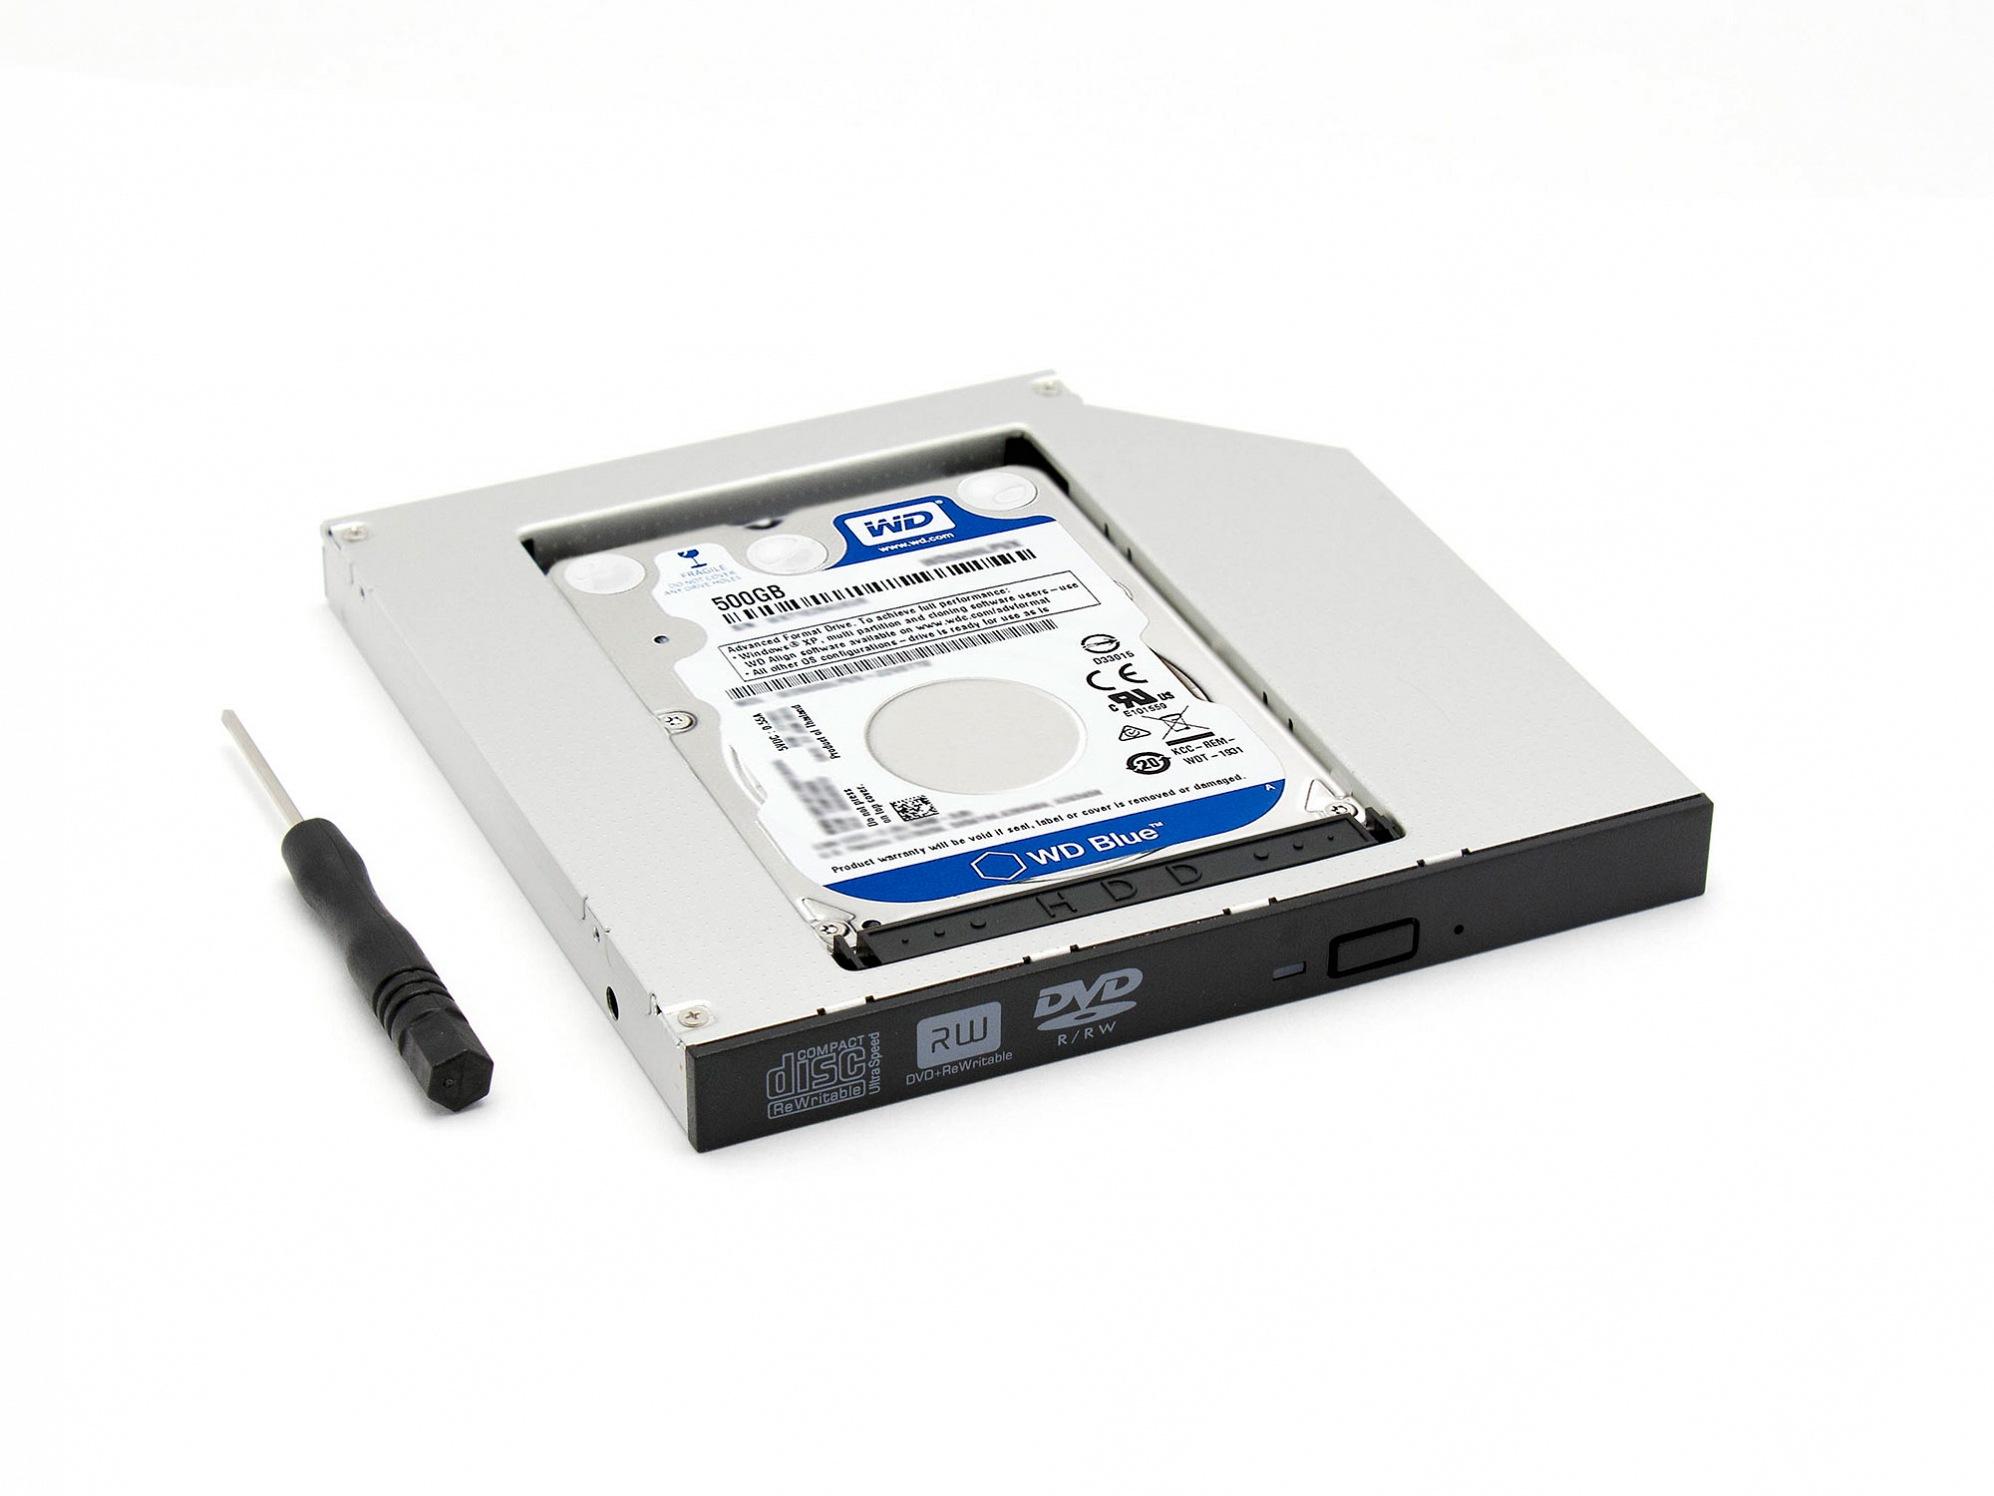 Einbaurahmen SATA Kit inkl. 500GB HDD für ODD-Slot für Wortmann Terra Mobile 1509